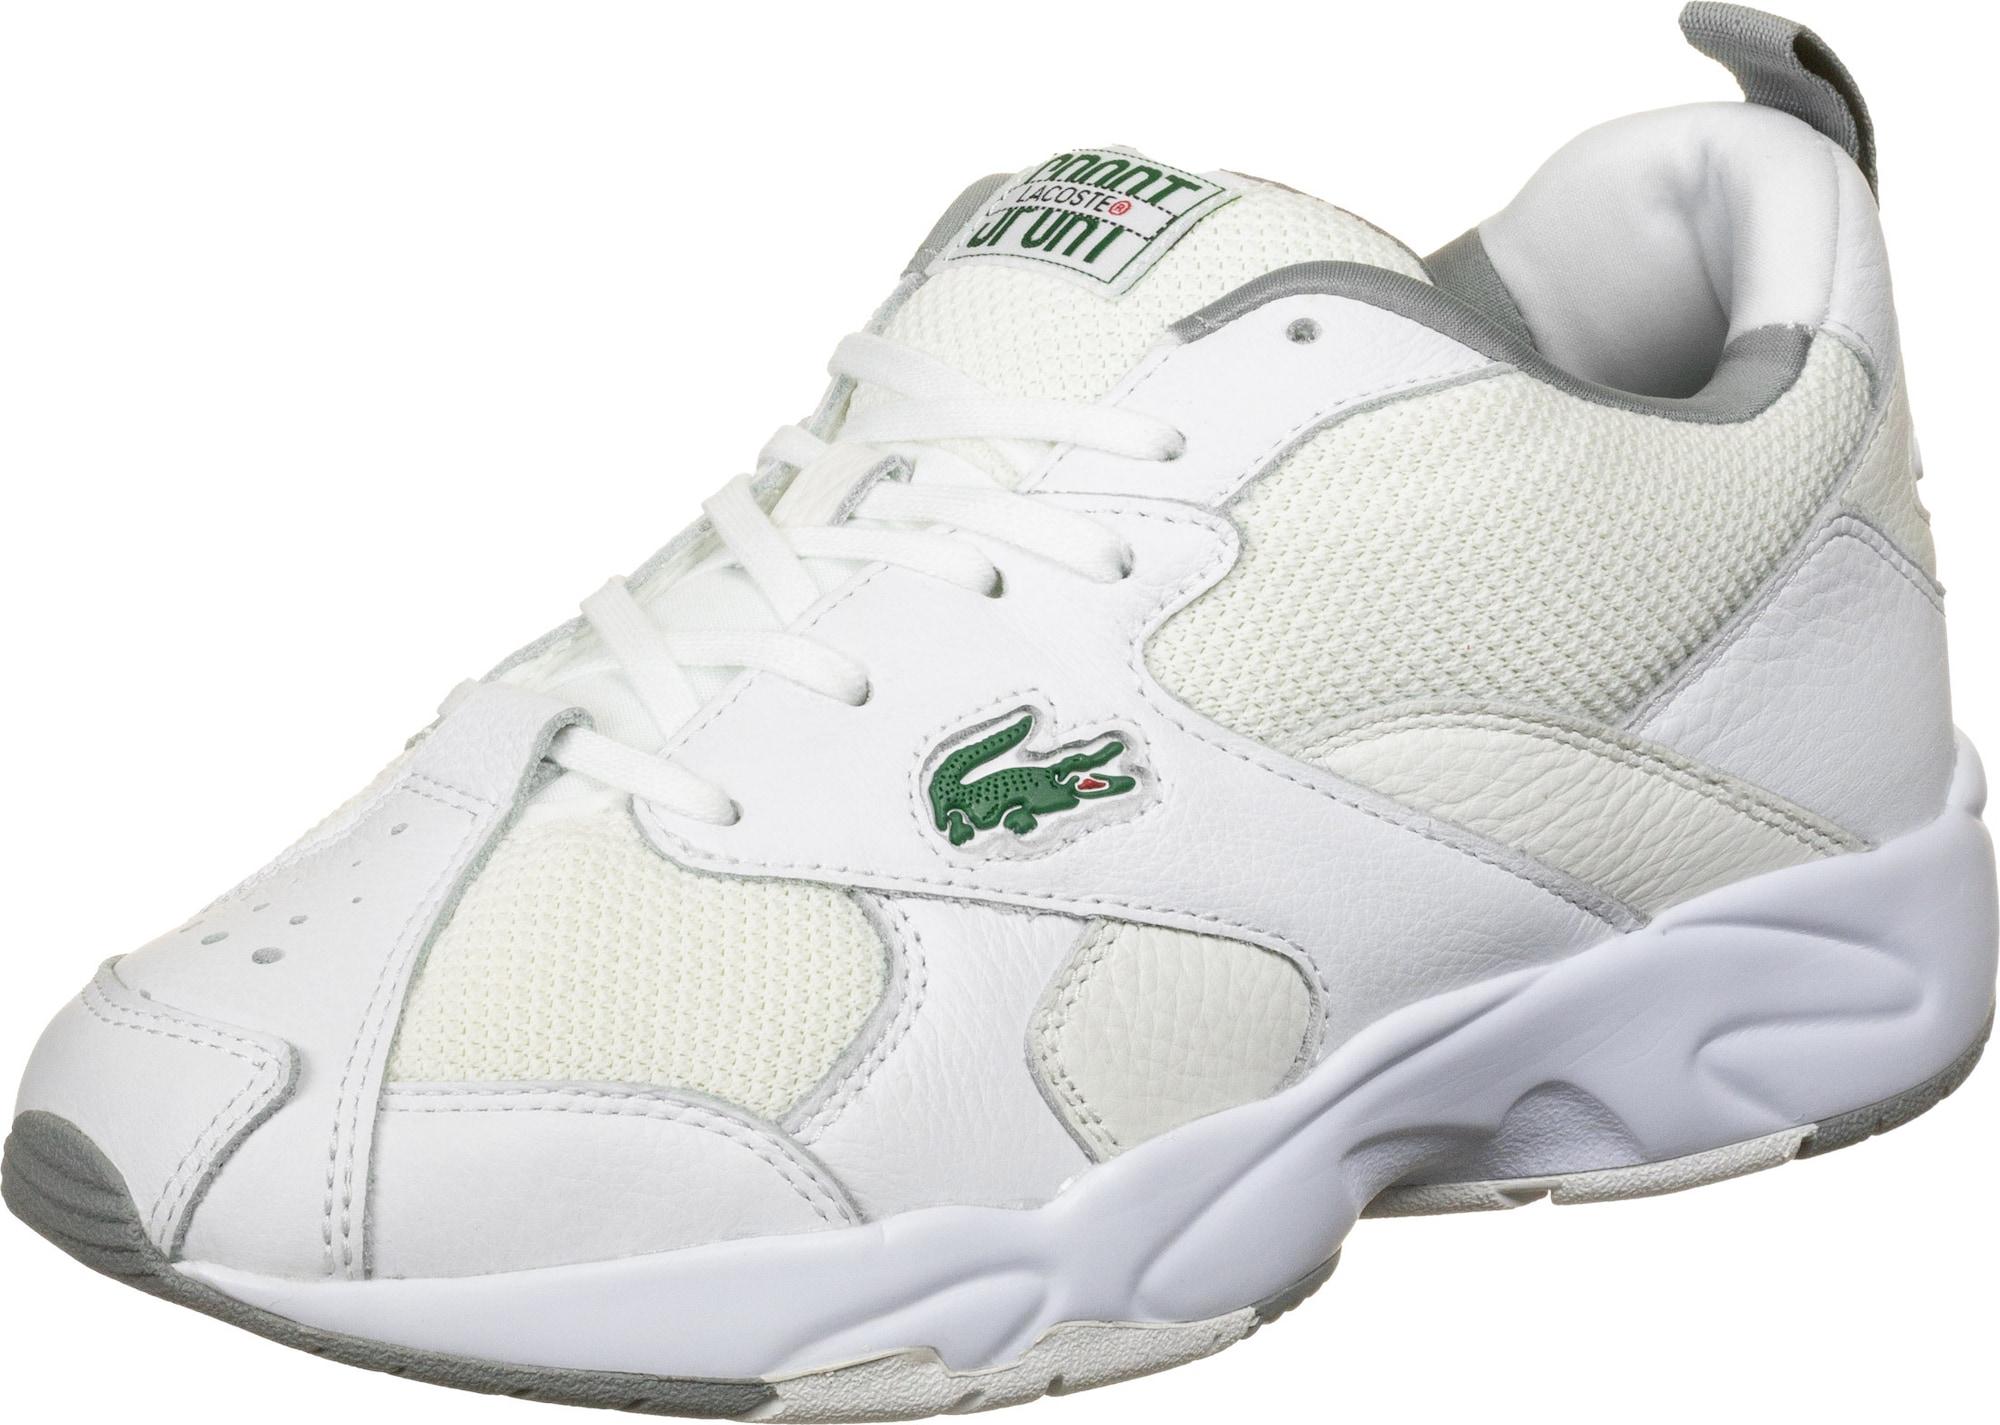 Schuhe ' Storm 96 '